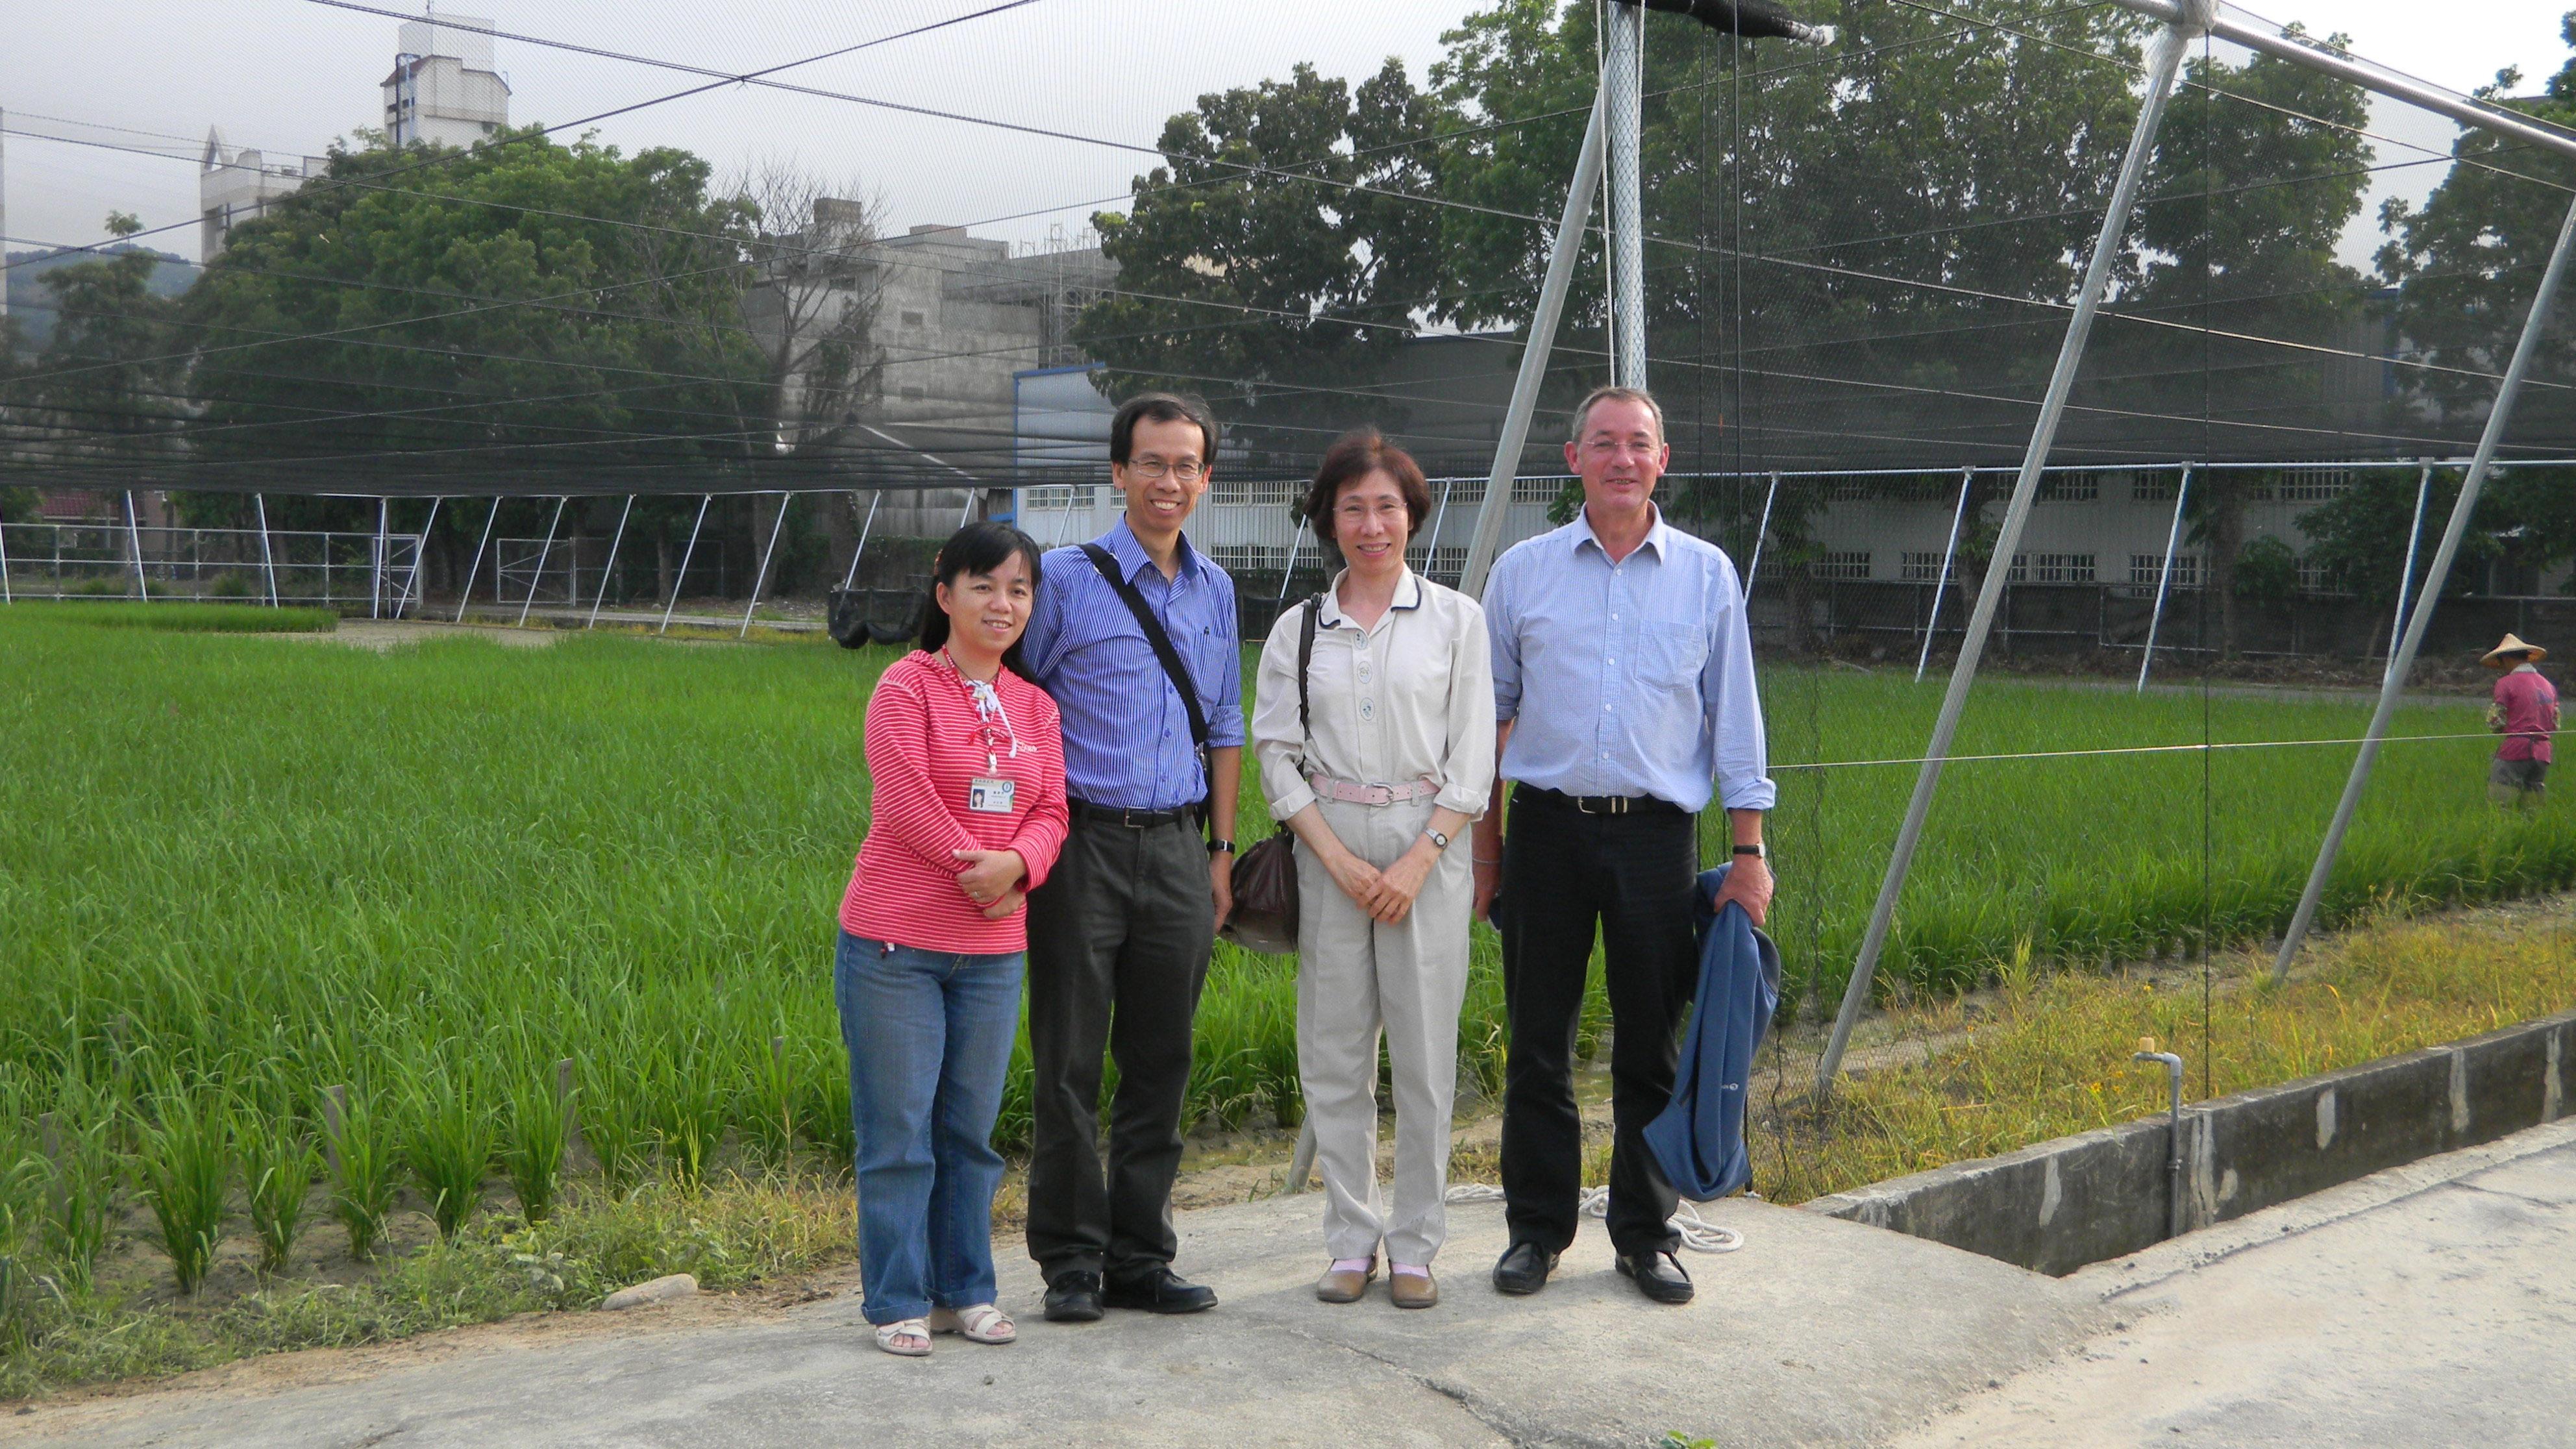 余淑美 (右二) 以及來自國際稻米研究中心的 C4 計畫第一到第三期總主持人(右一)、國際稻米研究中心訪問學者(左二)、學生羅舜芳博士(左一),於水稻實驗水田旁合影。圖片來源│余淑美